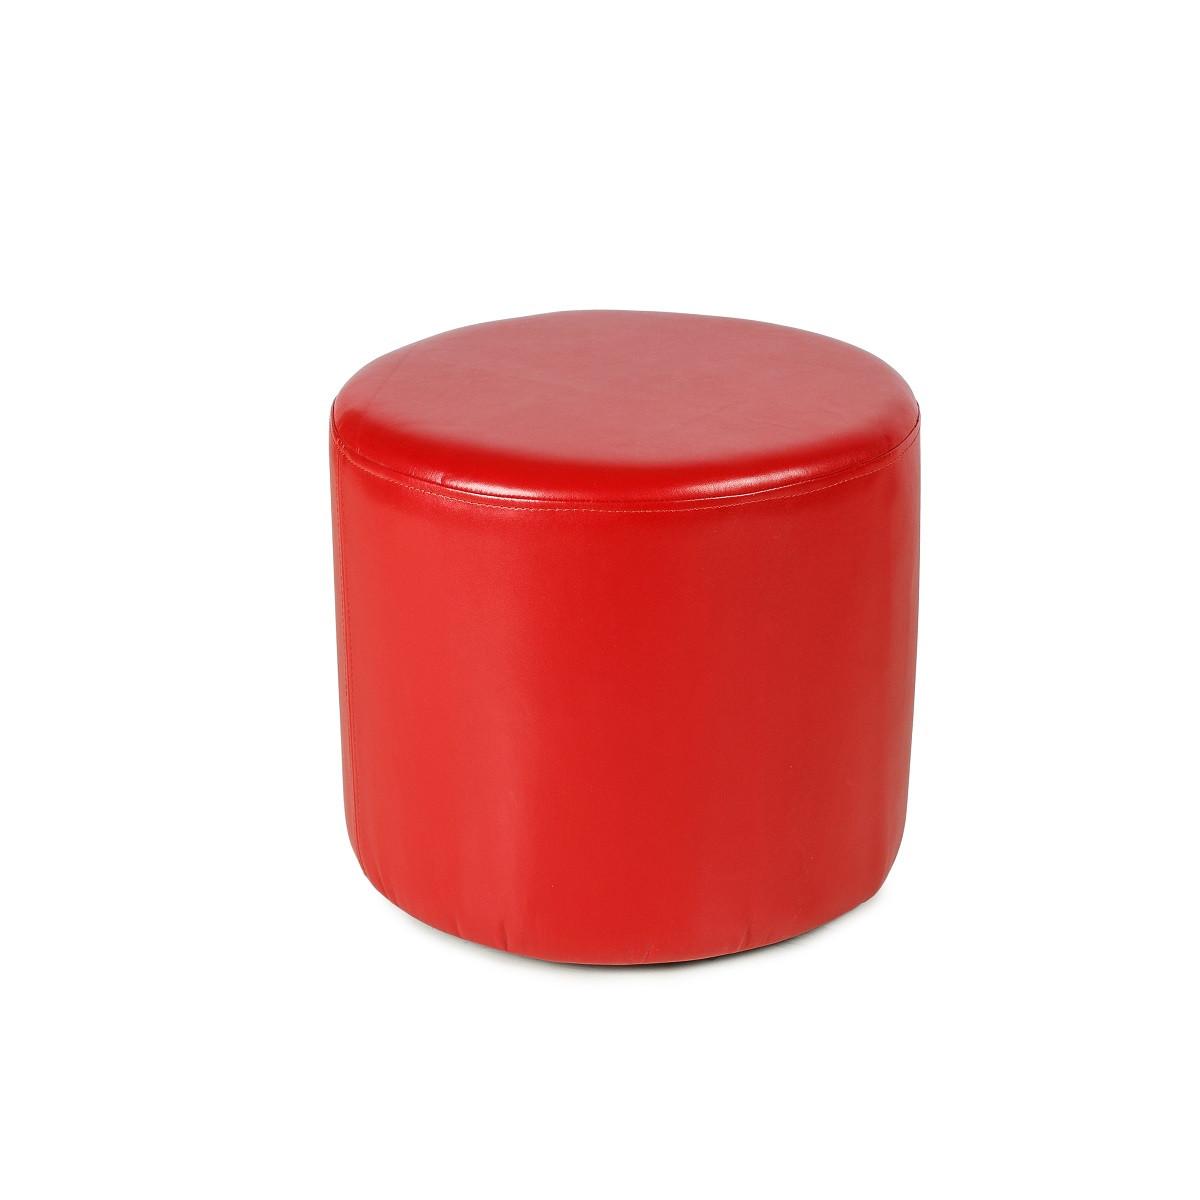 Пуфик размер 40*40 кожаный цвет красный круглый